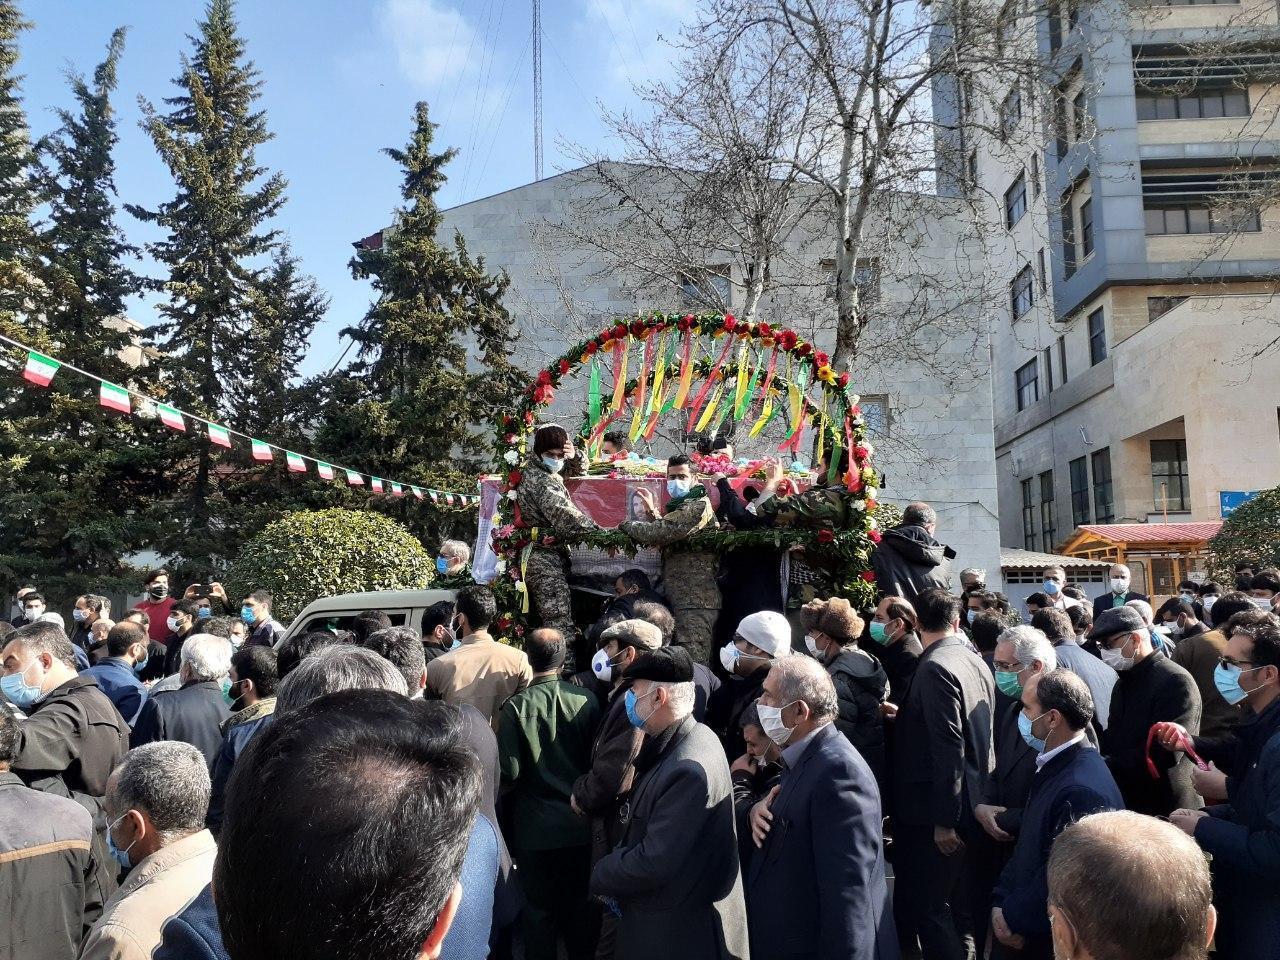 3(251) - تشییع و خاکسپاری شهید مصطفی نوروزی در ساری